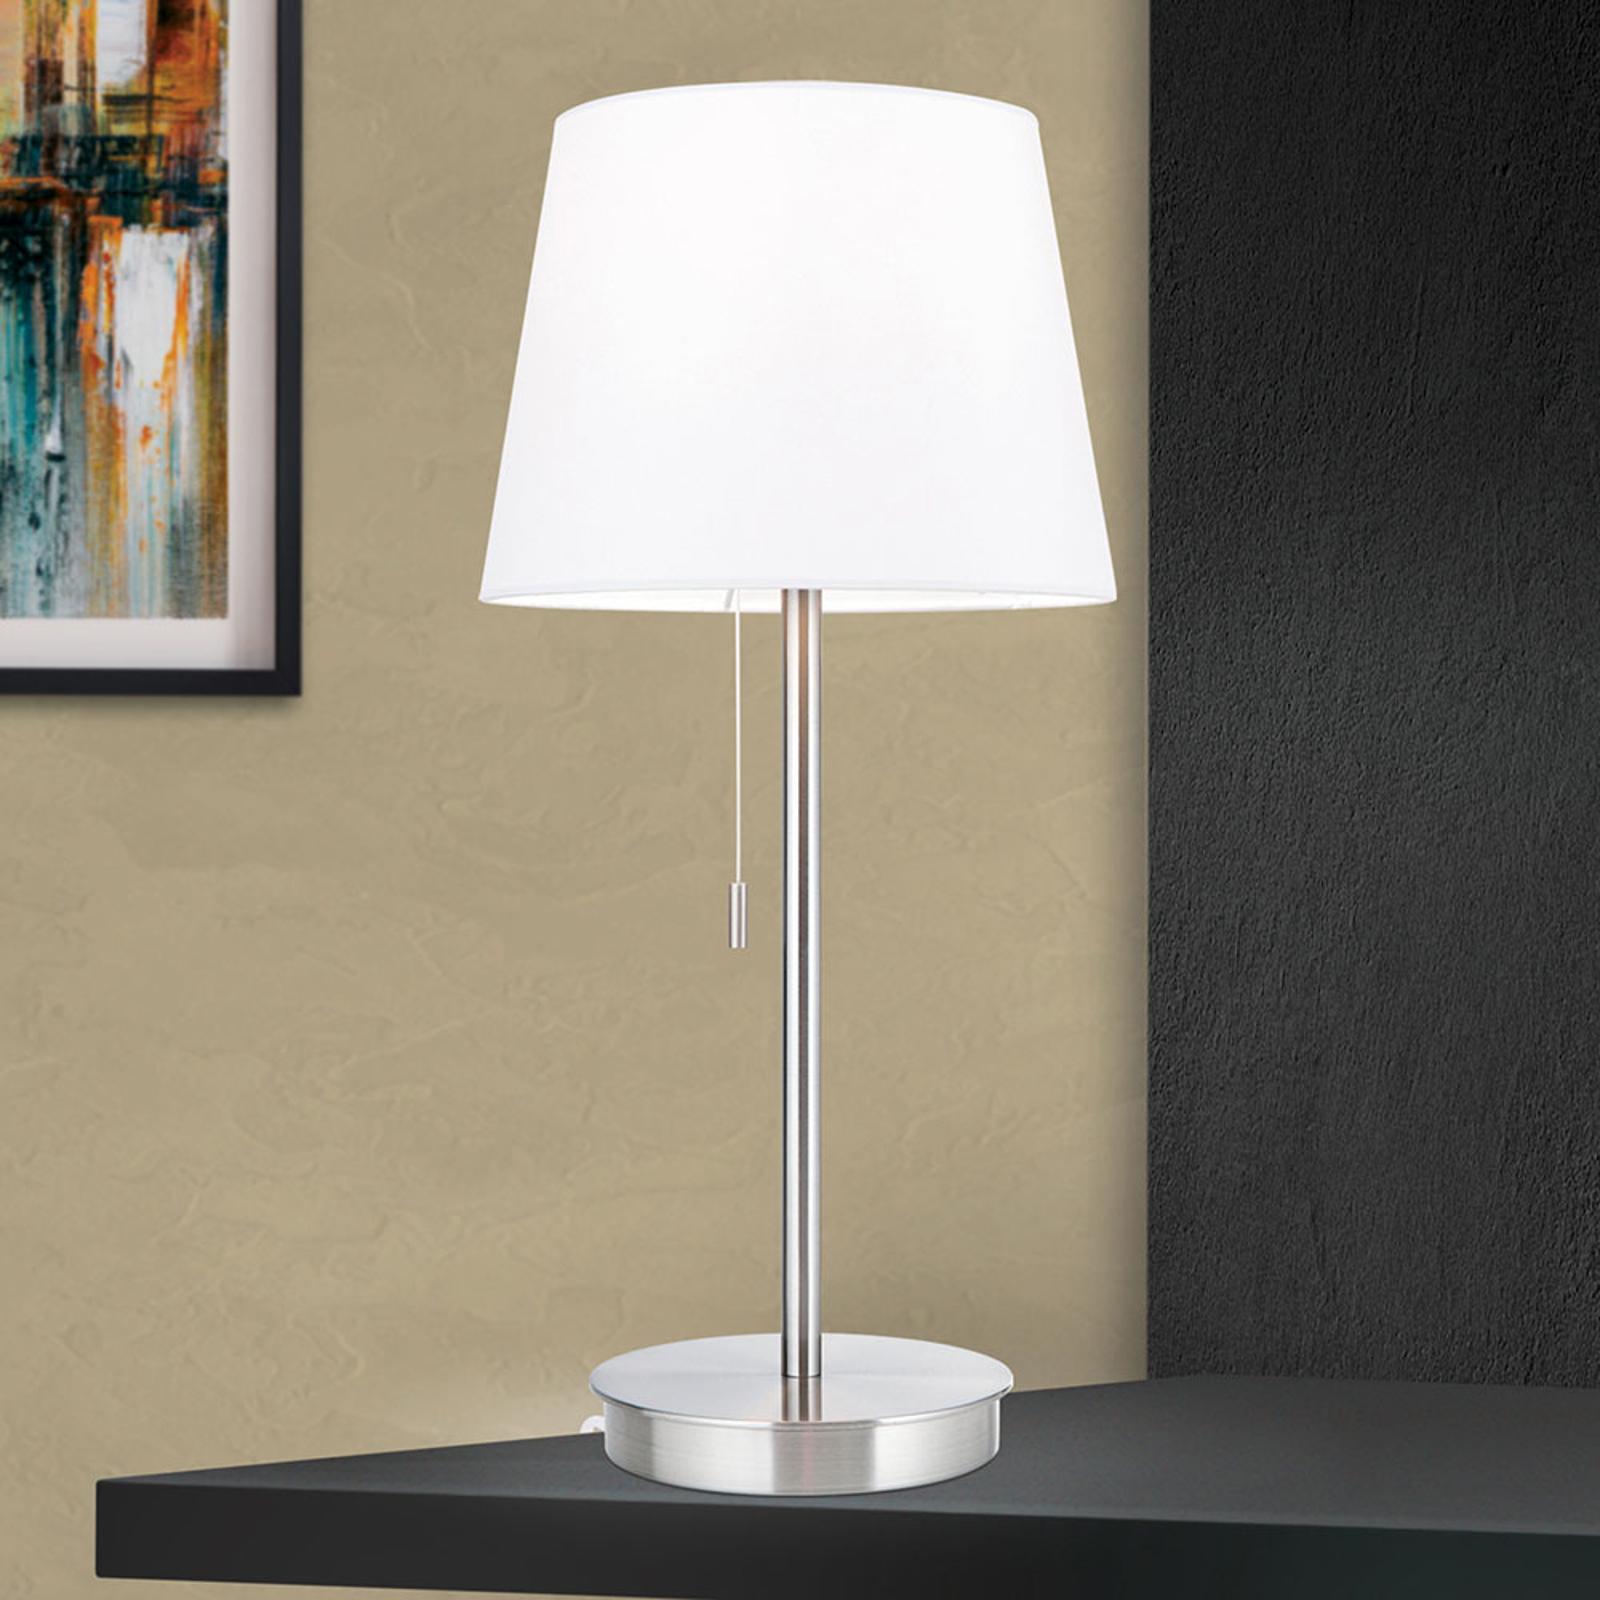 Pöytälamppu Ludwig, USB-liitäntä valkoinen/nikkeli